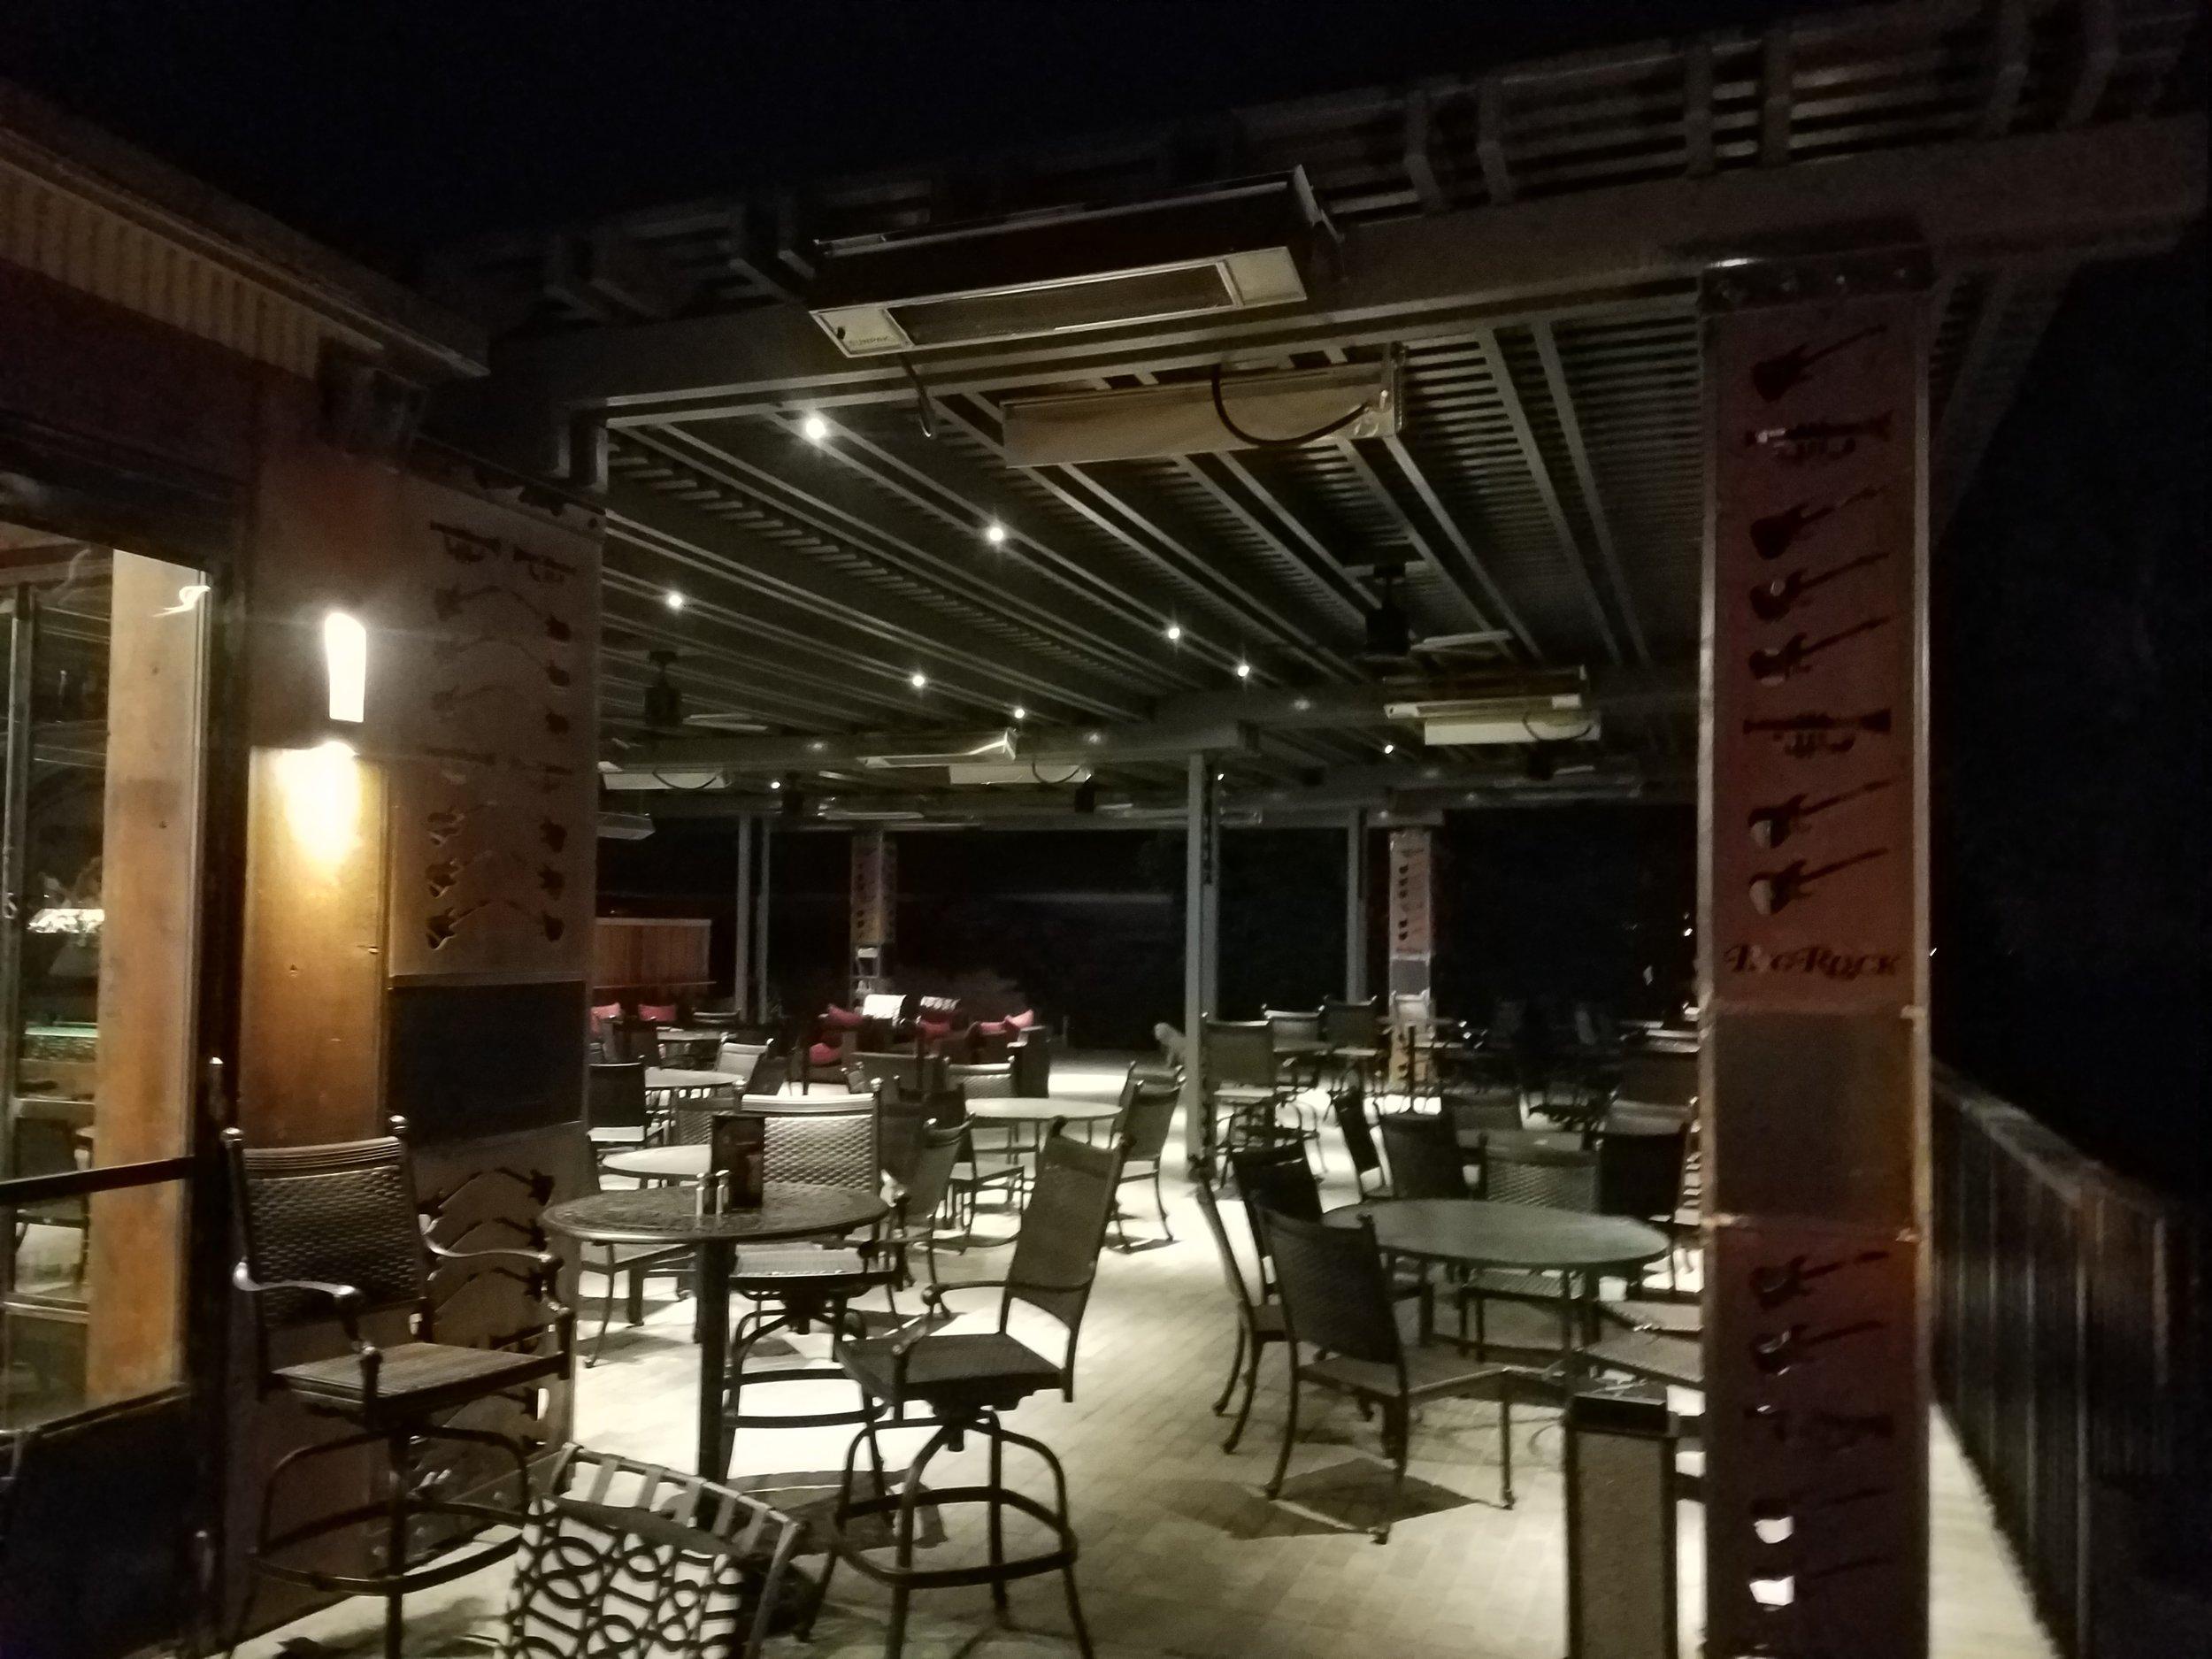 Outdoor lattice patio dining area